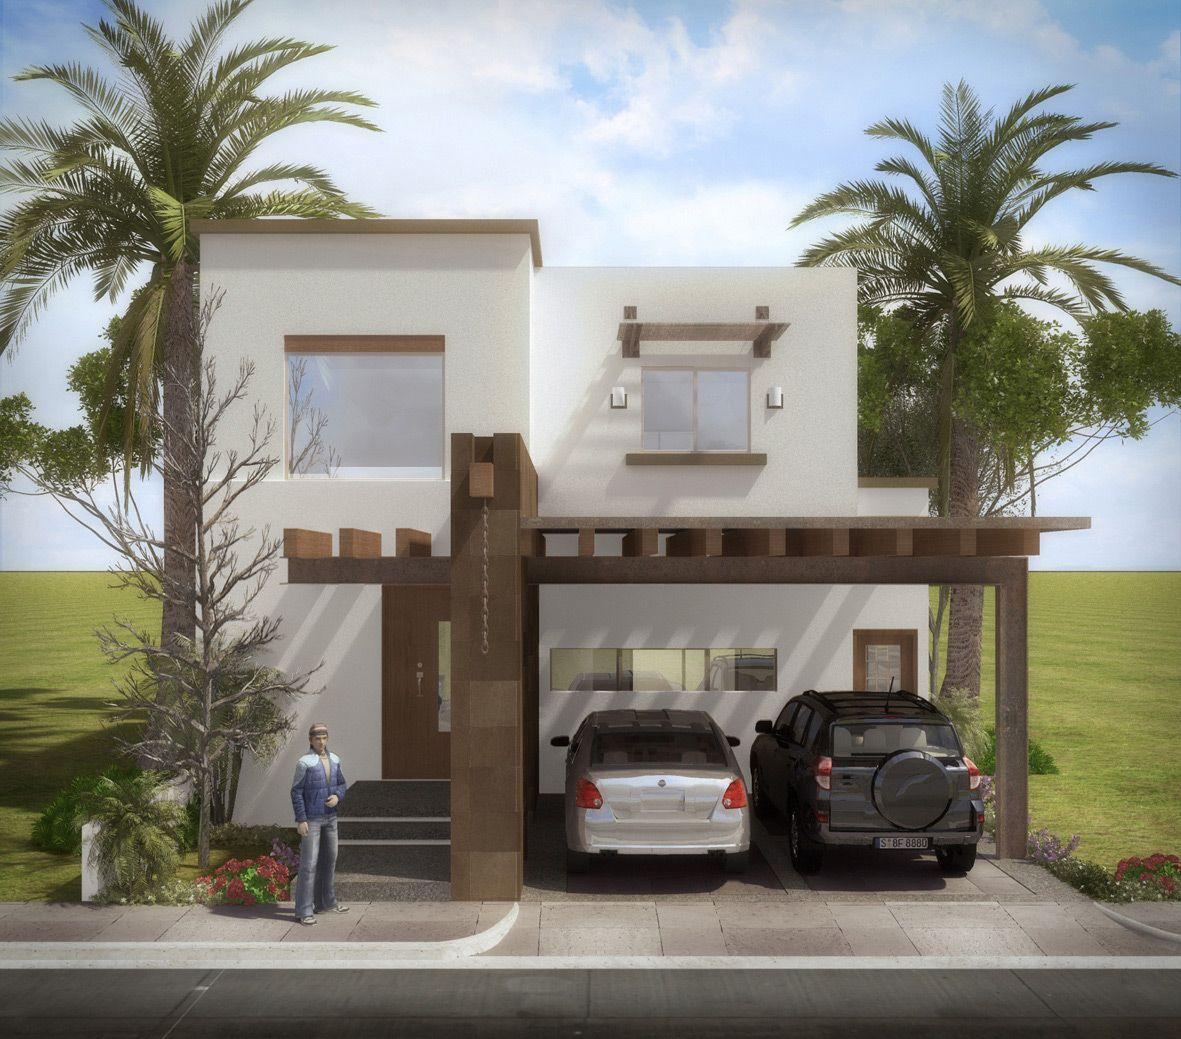 Fotos de Casas y Fachadas Fachadas Casas Modernas Casas Modernas